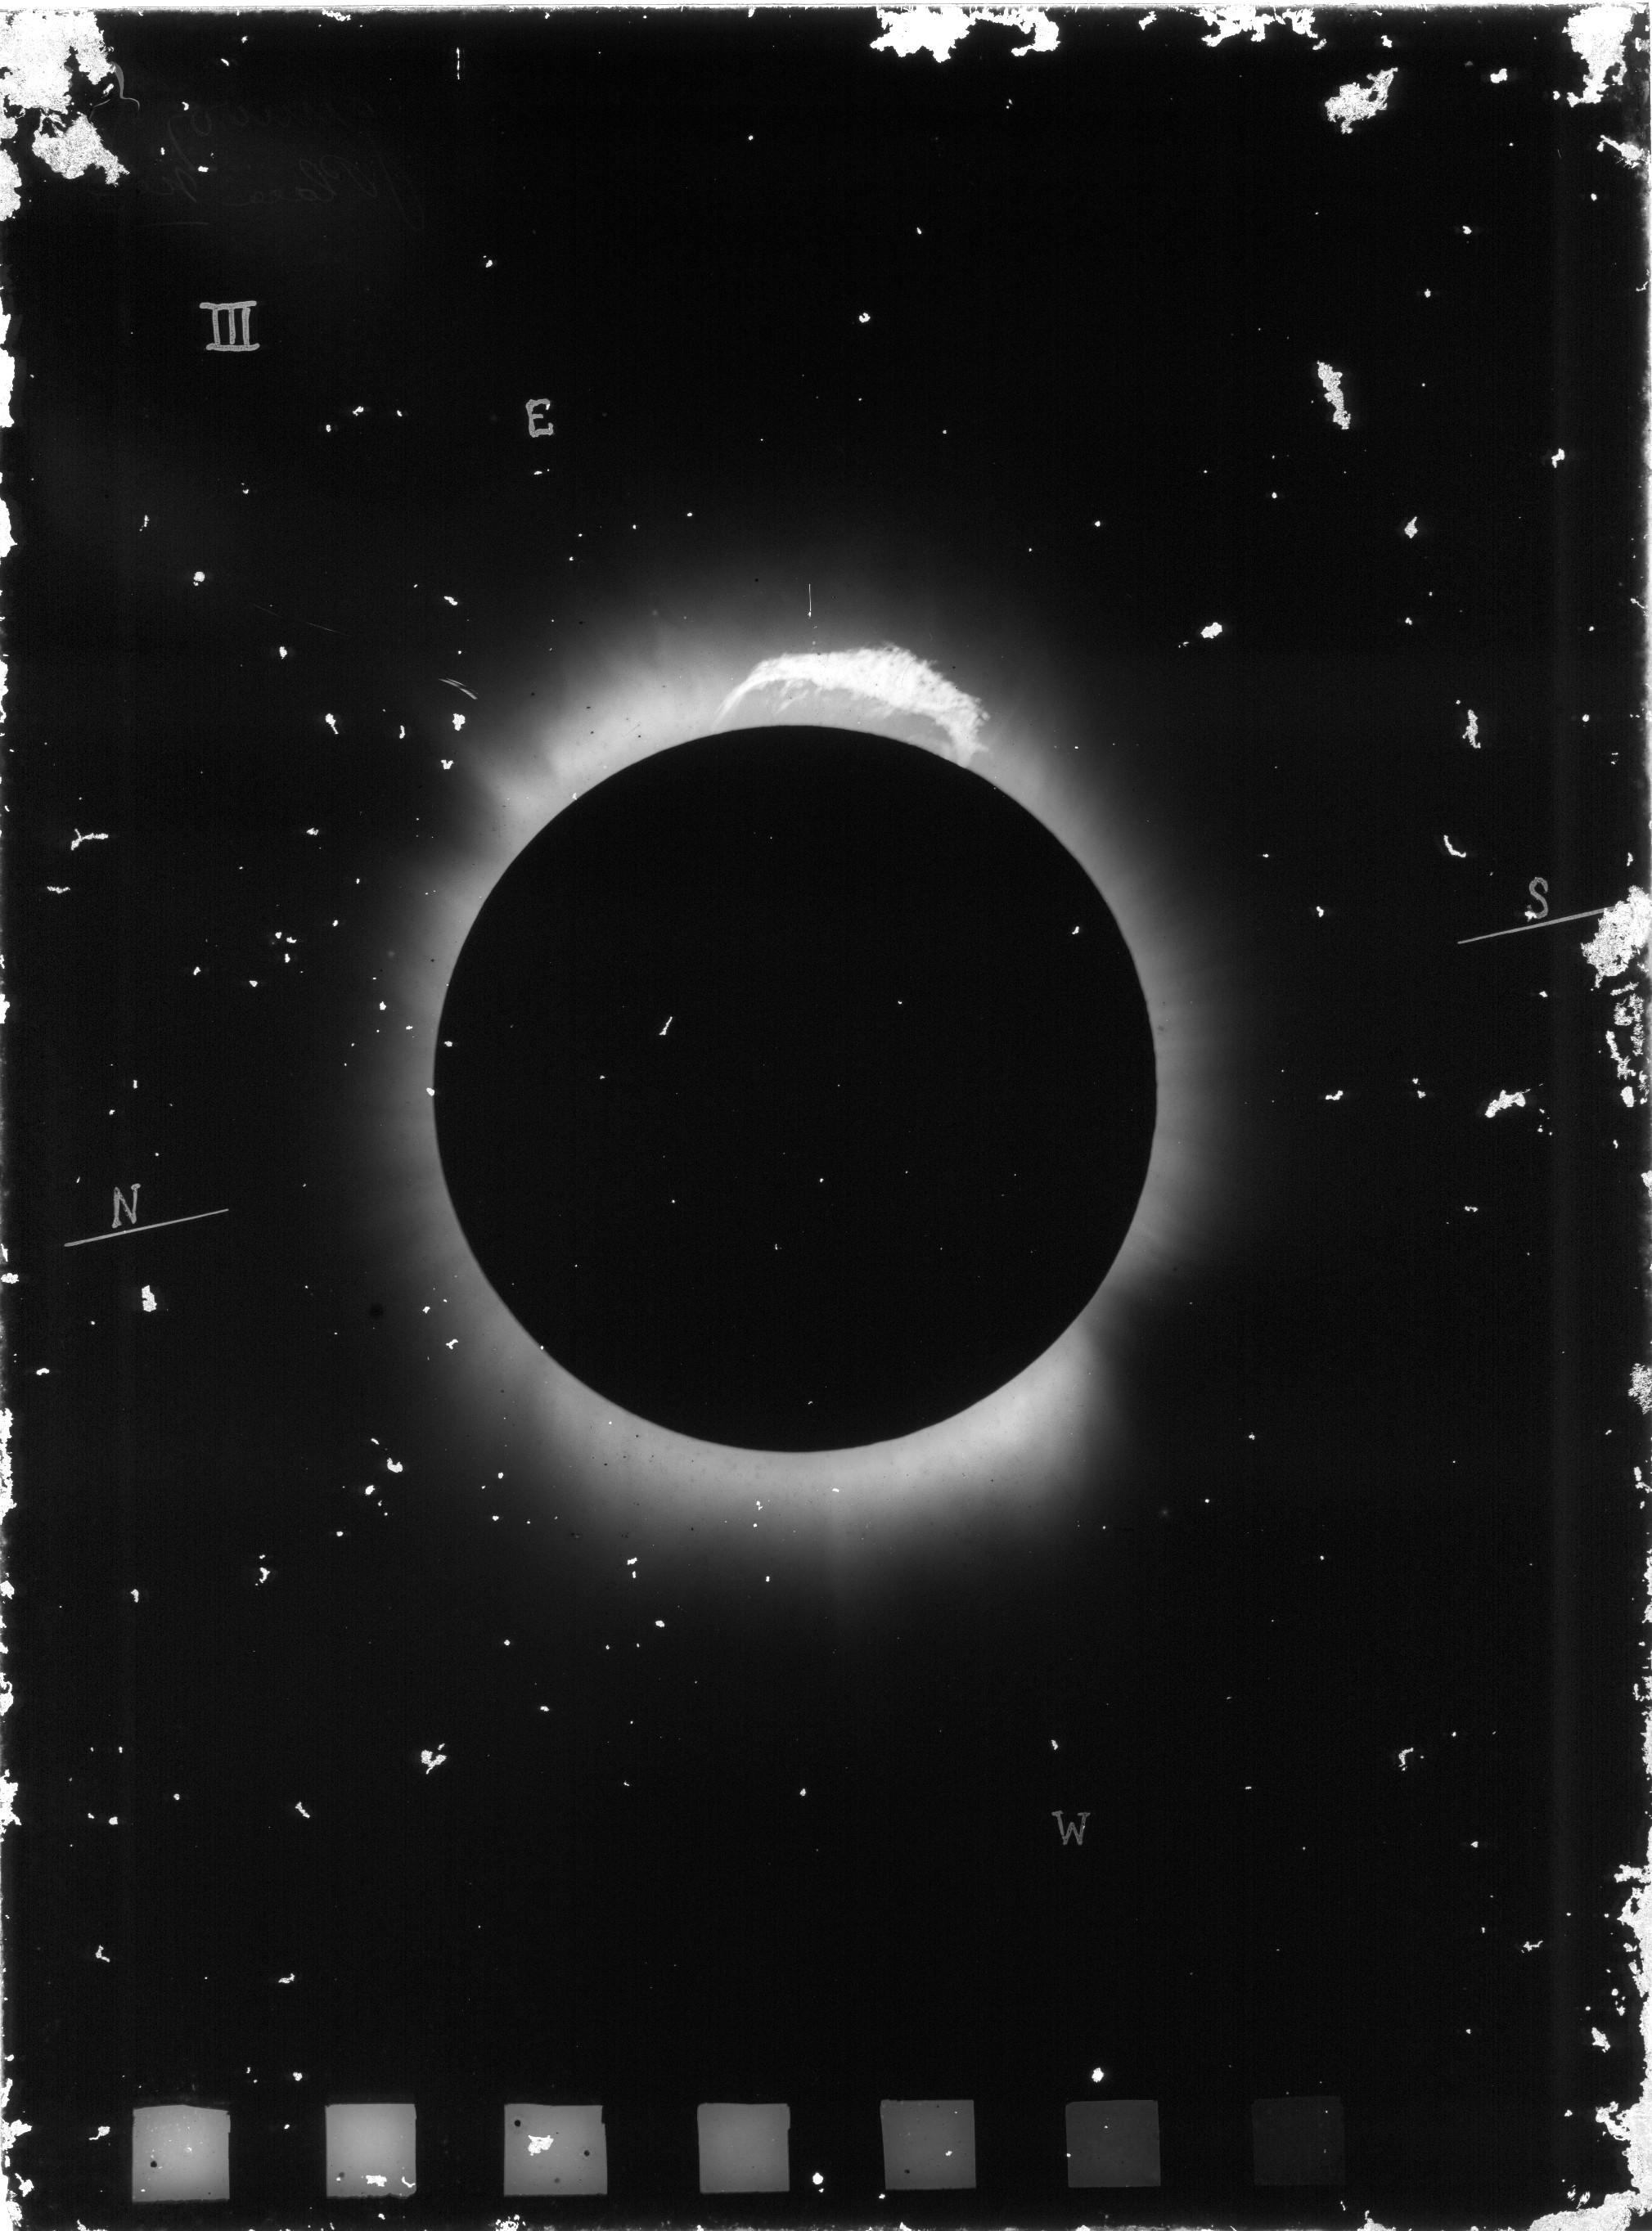 Os cientistas registraram o eclipse em placas a partir da observação do telescópio (Foto: Divulgação/ Observatório Nacional)